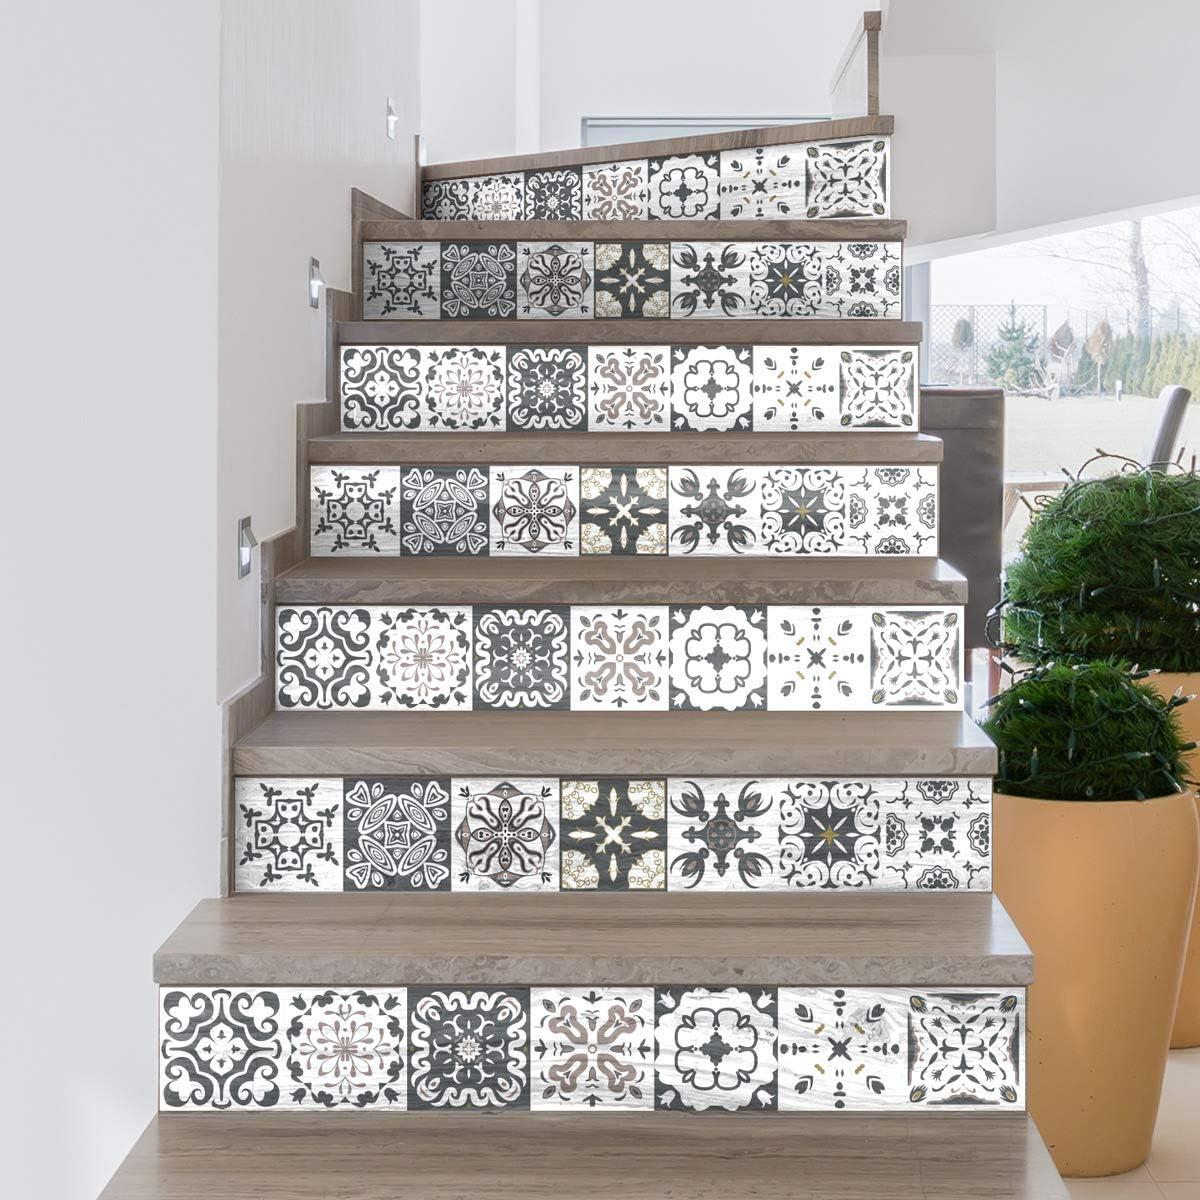 Stickers adh/ésifs escalier carrelages 4 bandes Sticker Autocollant contremarche Carreaux de ciment Stickers contremarche carrelages azulejos 15 x 105 cm Escalier carreaux de ciment adh/ésif